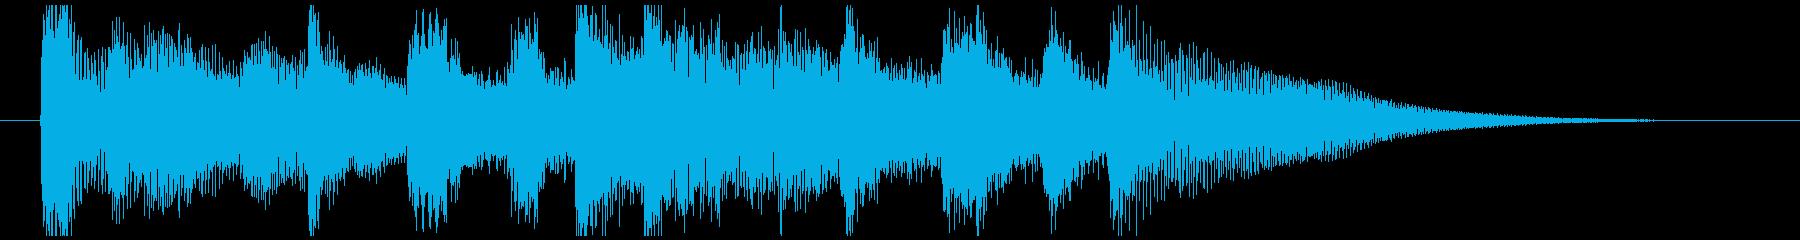 環境にやさしい事業紹介のCM曲-ジングルの再生済みの波形